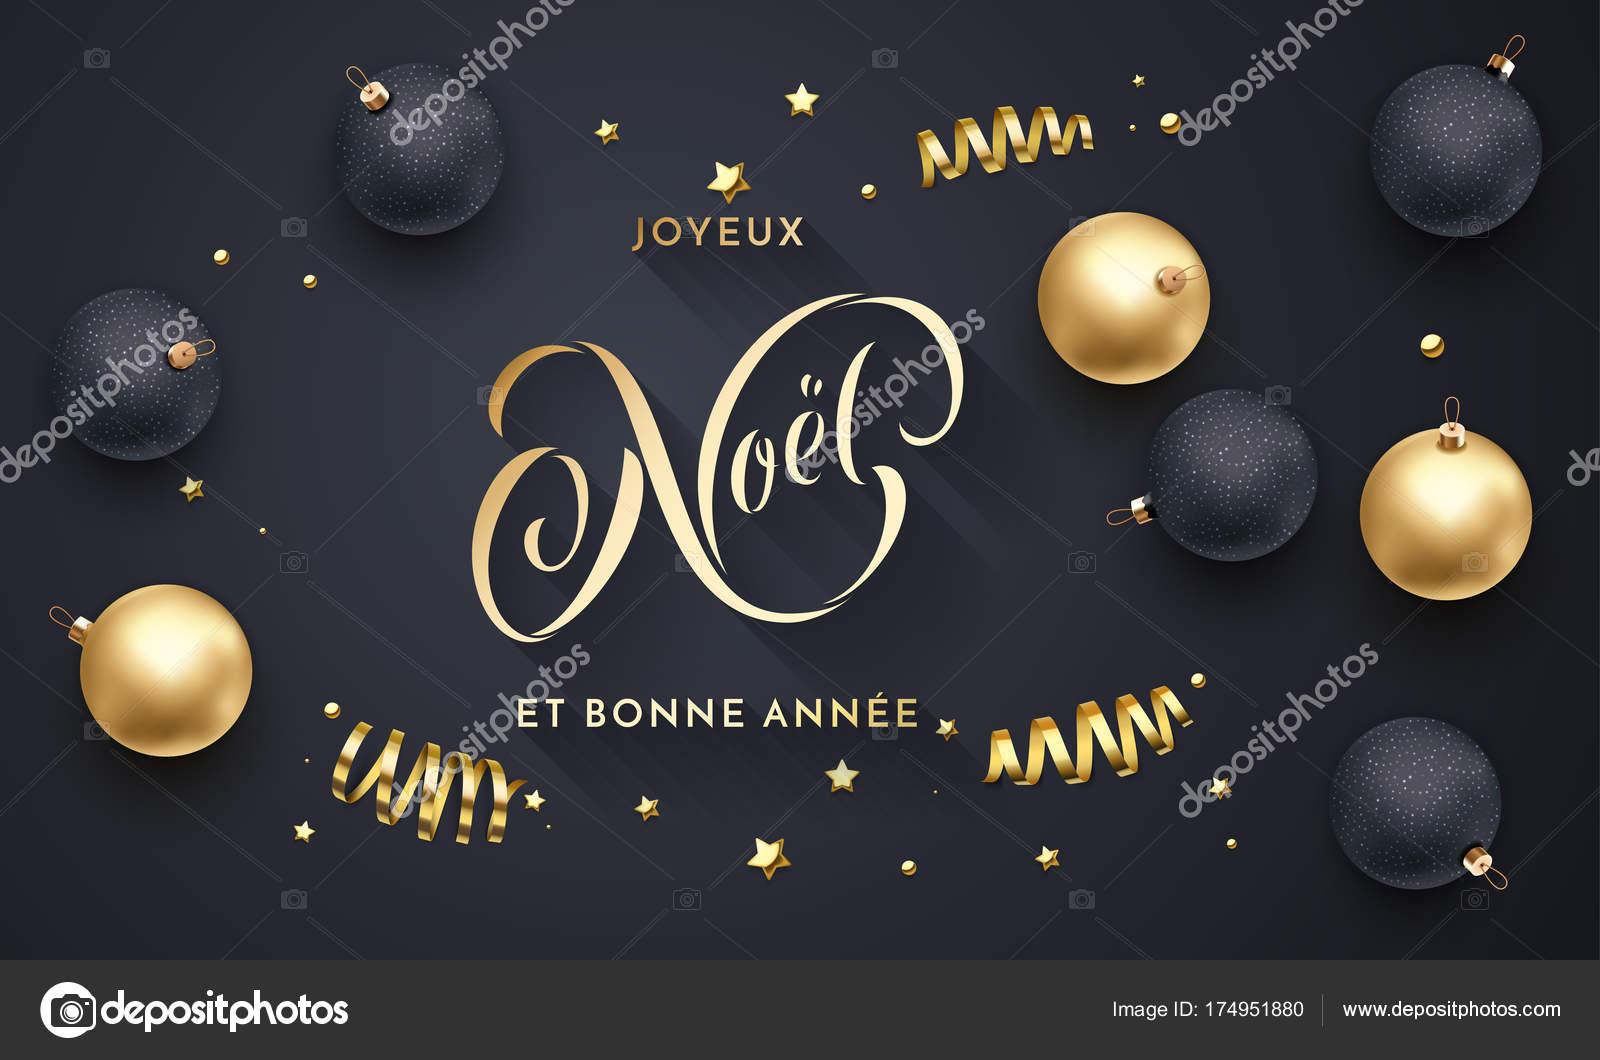 Auguri Di Buon Natale E Felice Anno Nuovo In Francese.Illustrazione Illustration Gratuite Bonne Anng C E Joyeux